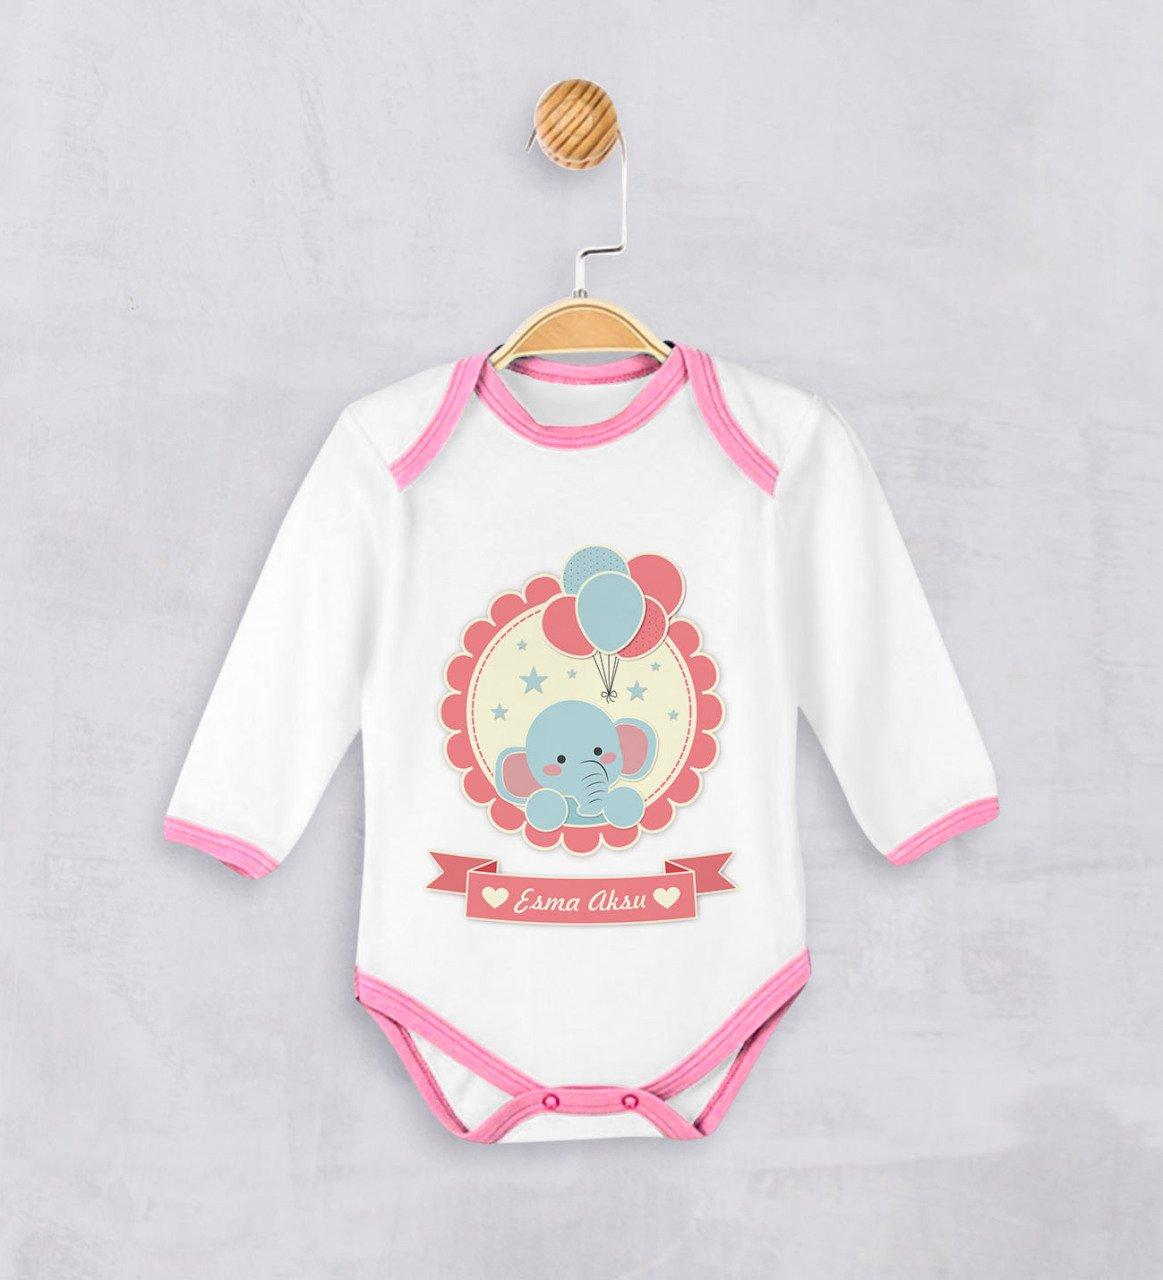 Zibin-3 para bebé niña personalizada